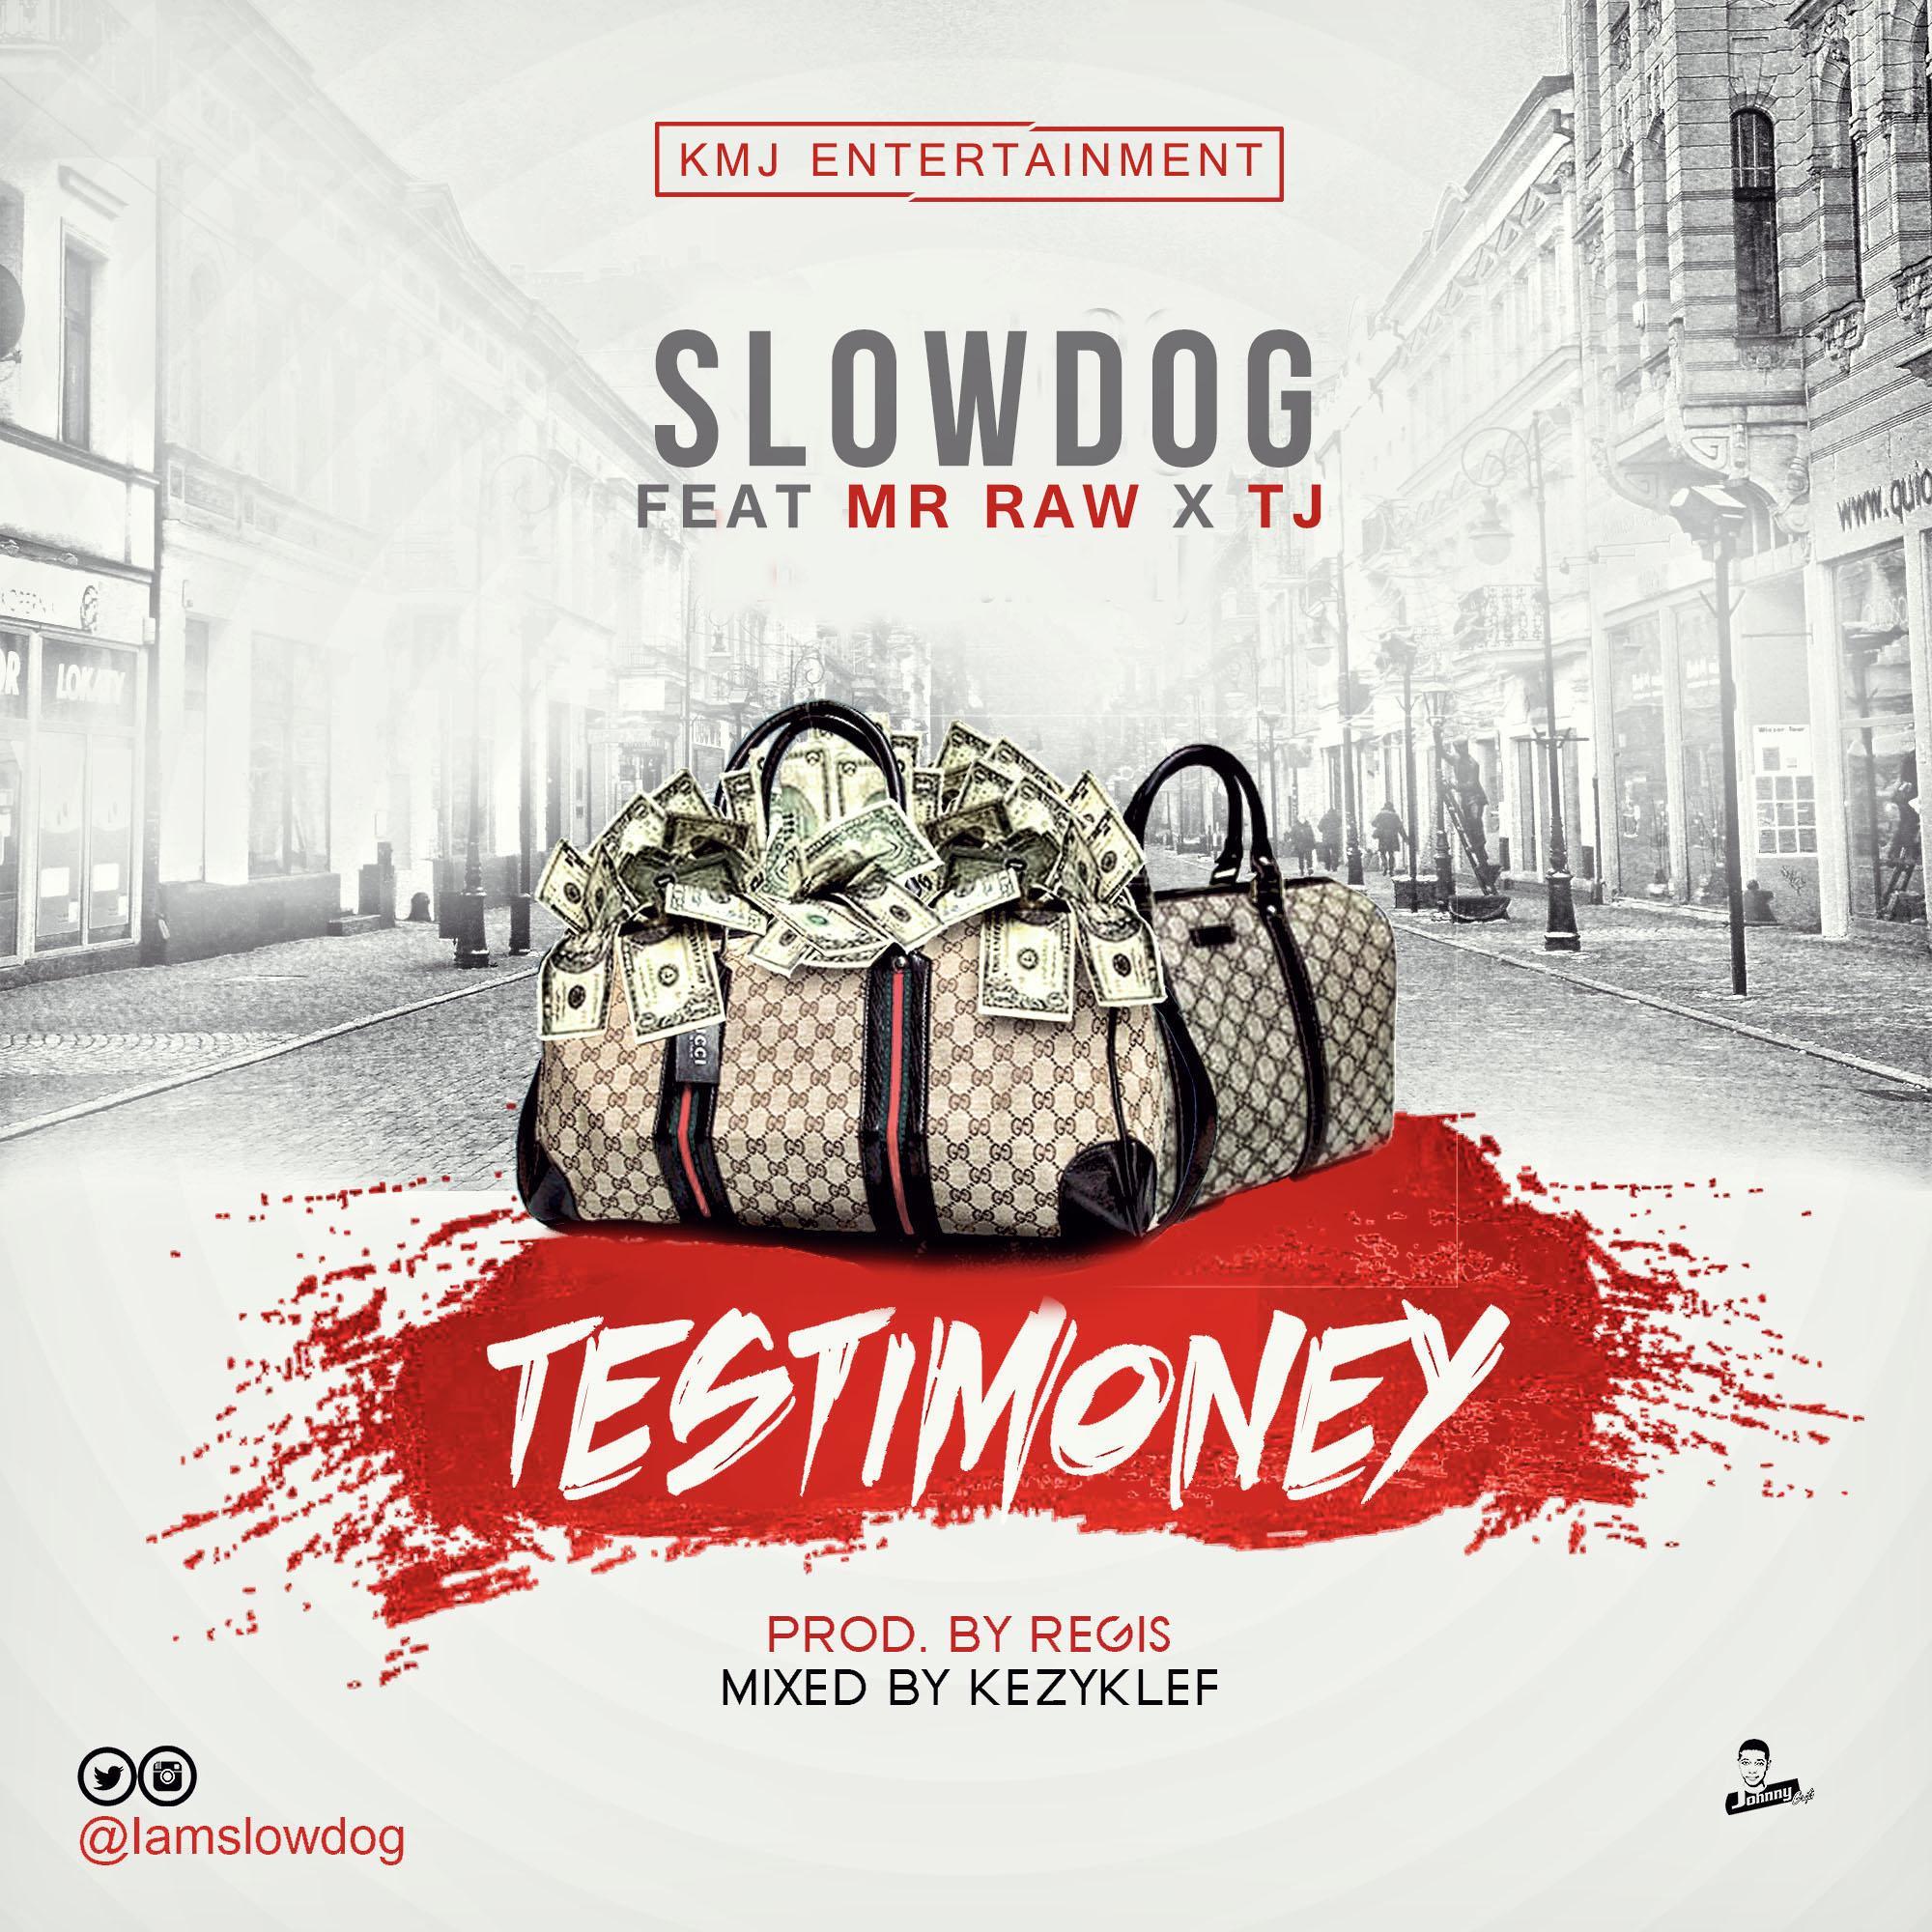 Slowdog ft. Mr Raw X TJ - Testimoney